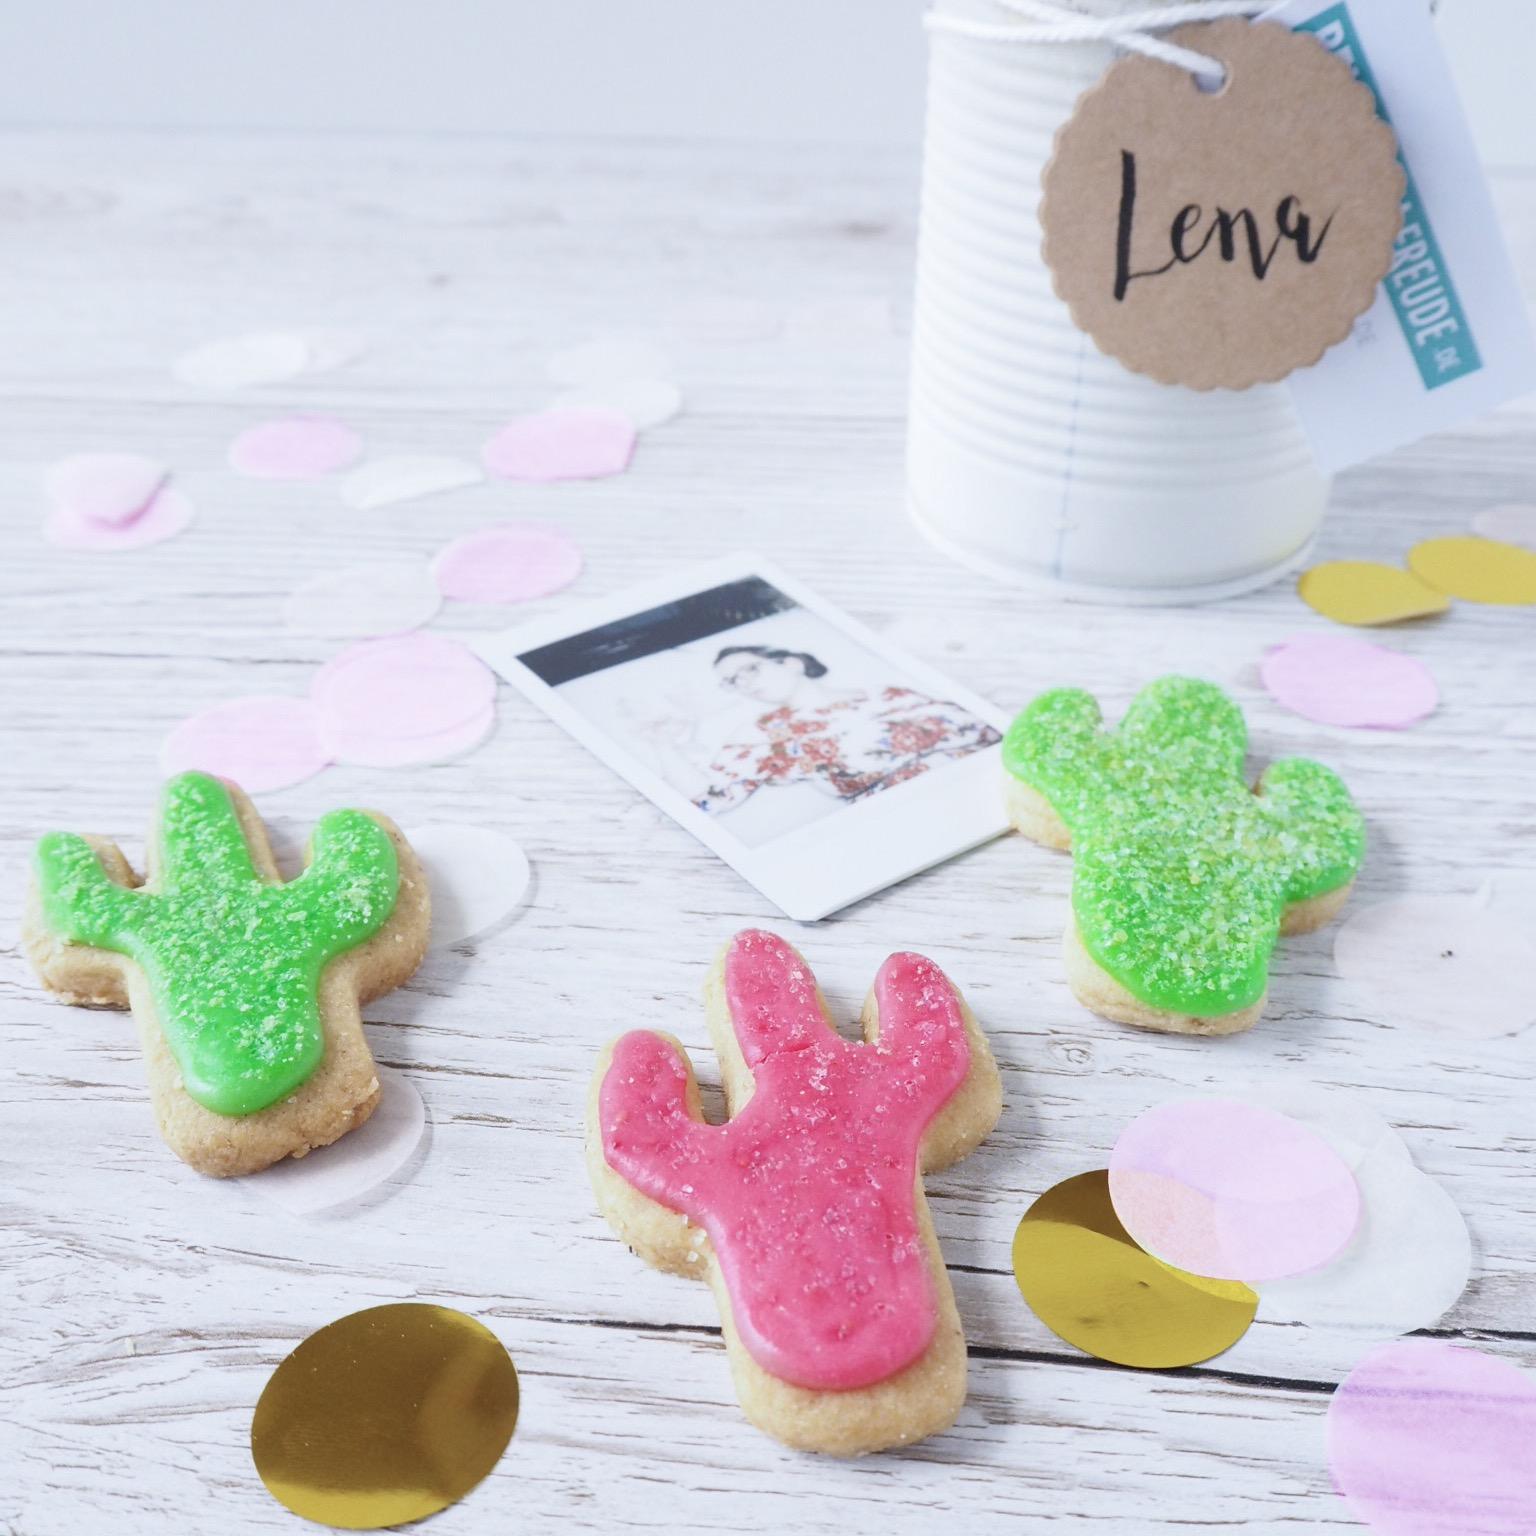 Kakuts Kekse in grün und pink mit Instaxselfie von mir